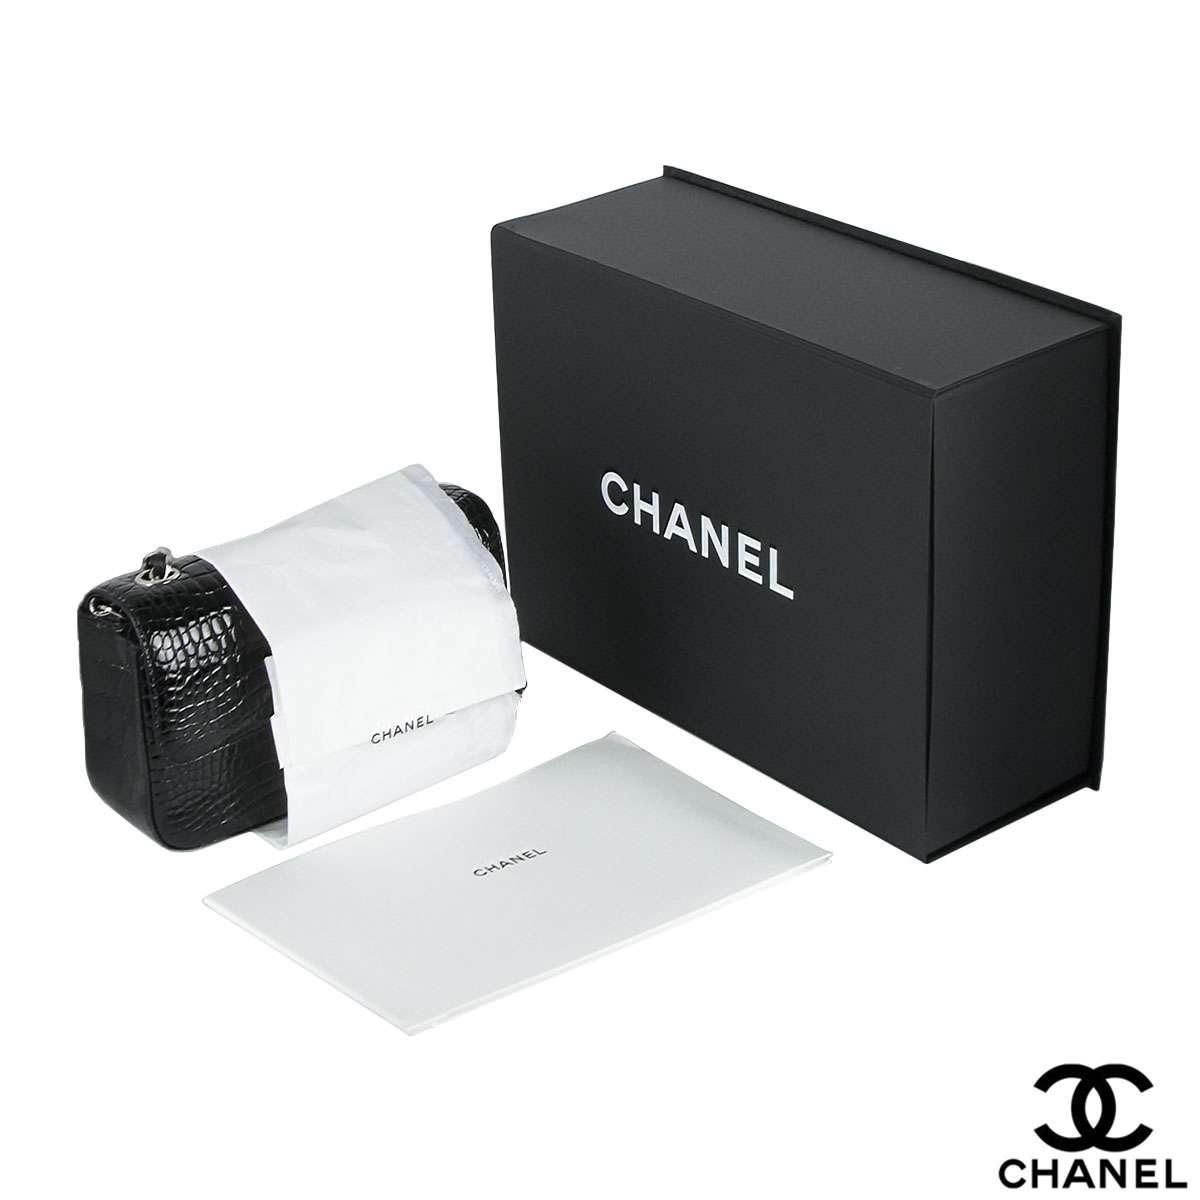 Chanel Alligator 2.55 Handbag